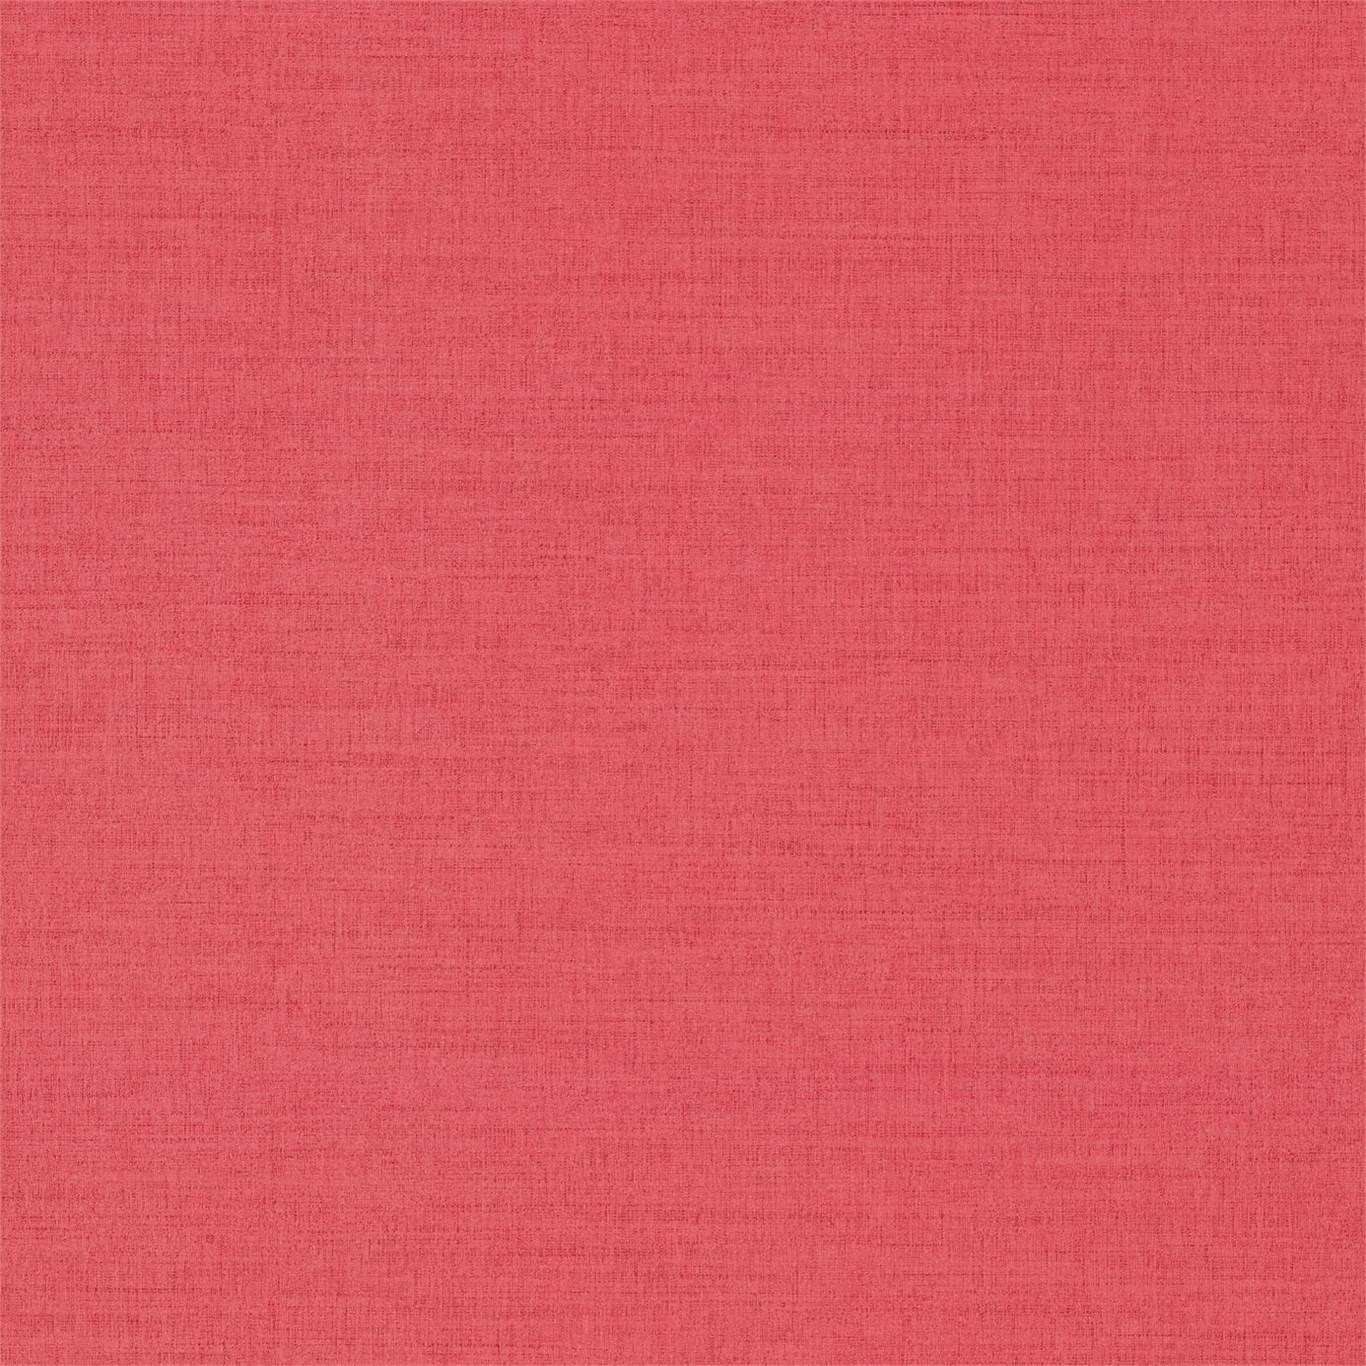 Papel pintado sanderson linum dcfl211687 - Sanderson papel pintado ...